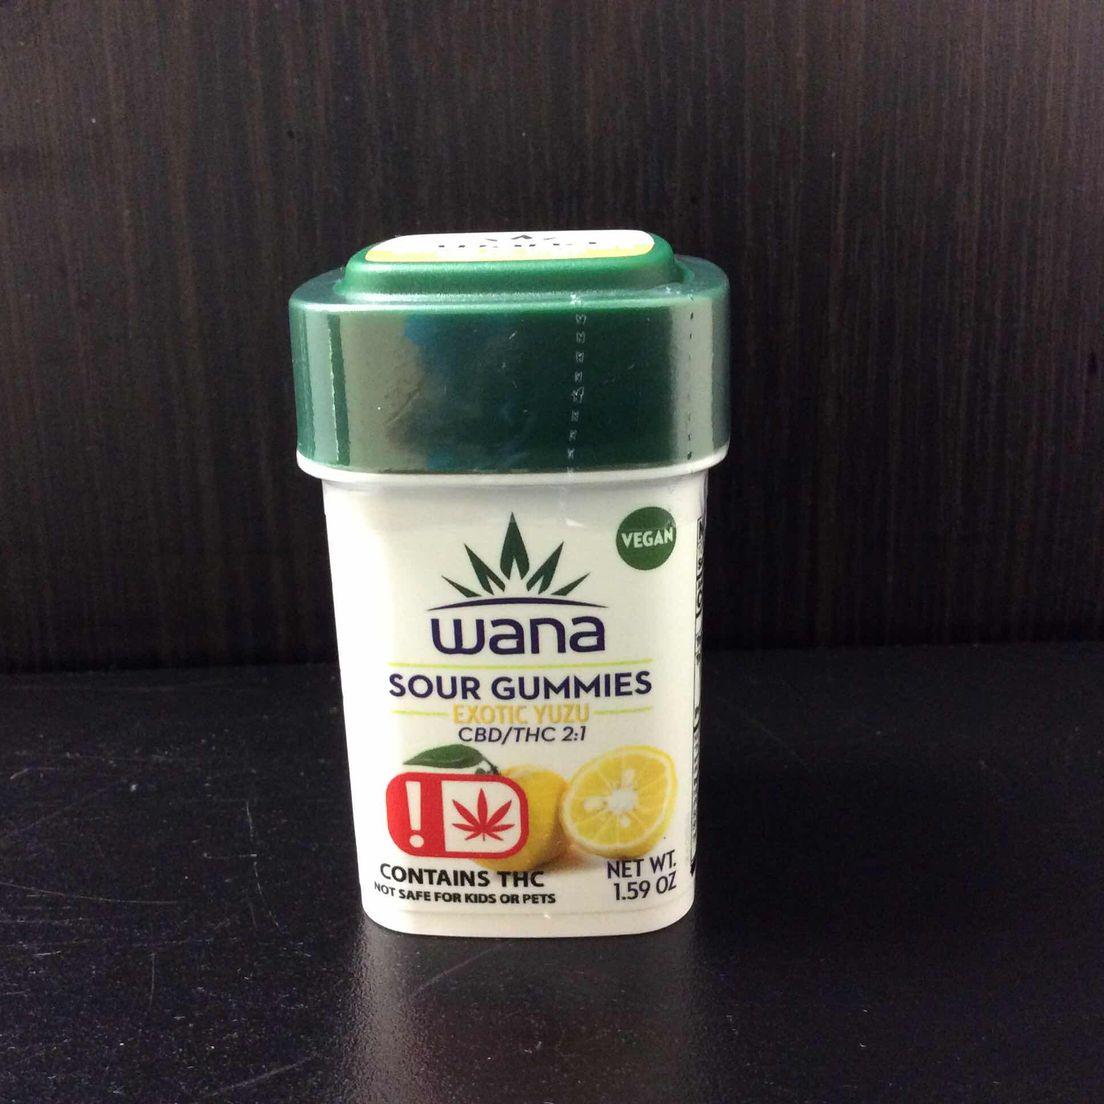 2:1 CBD/THC Gummies by Wana